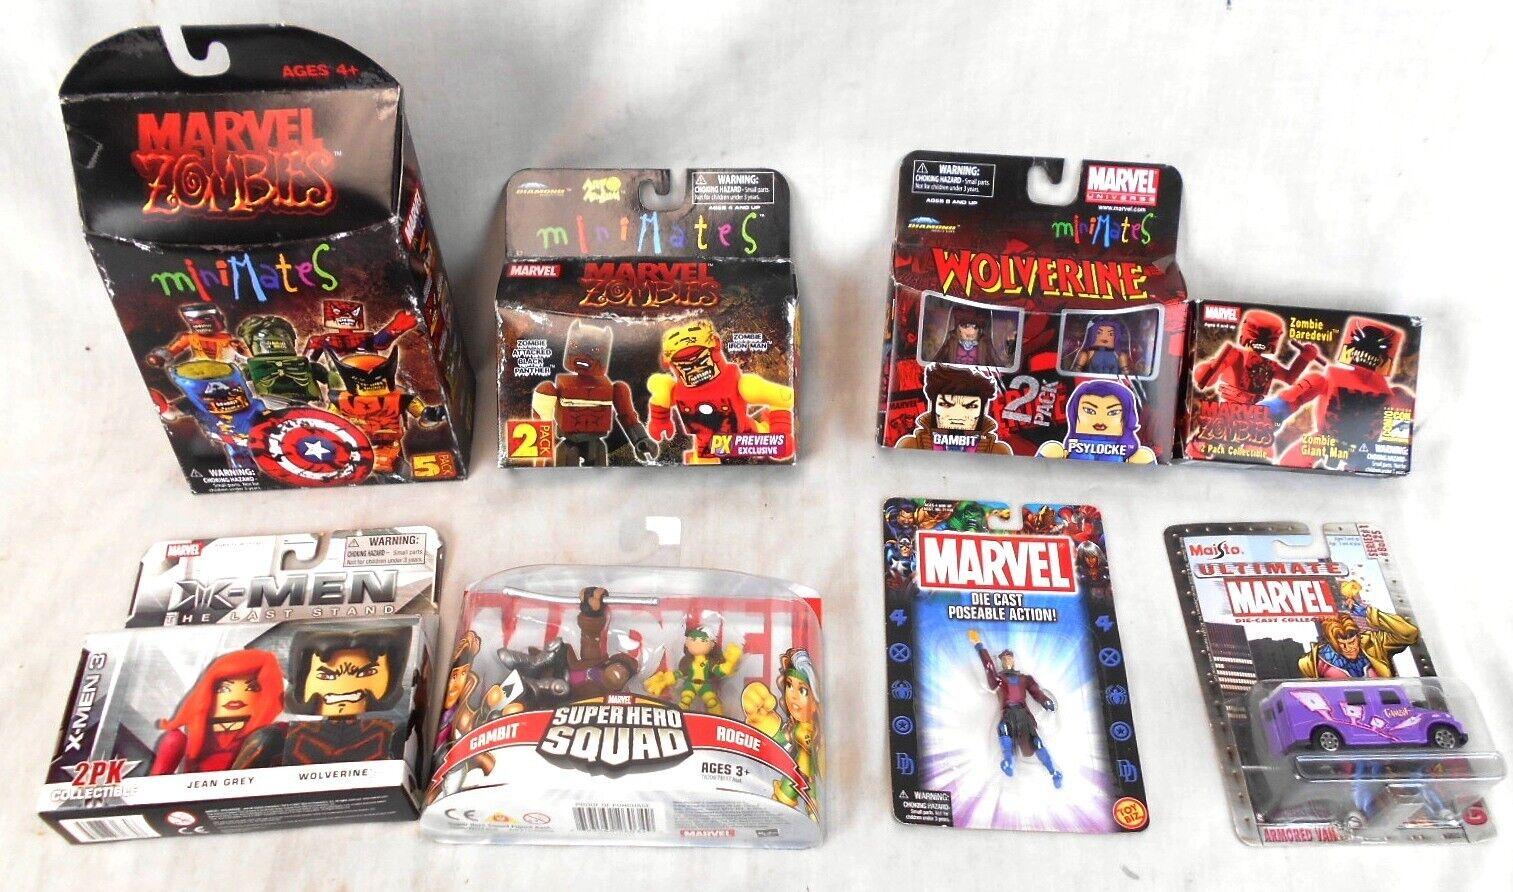 Lot of 8 Marvel Packs of Miniature Figurines, Mostly Minimates Zombies, MIB MOC